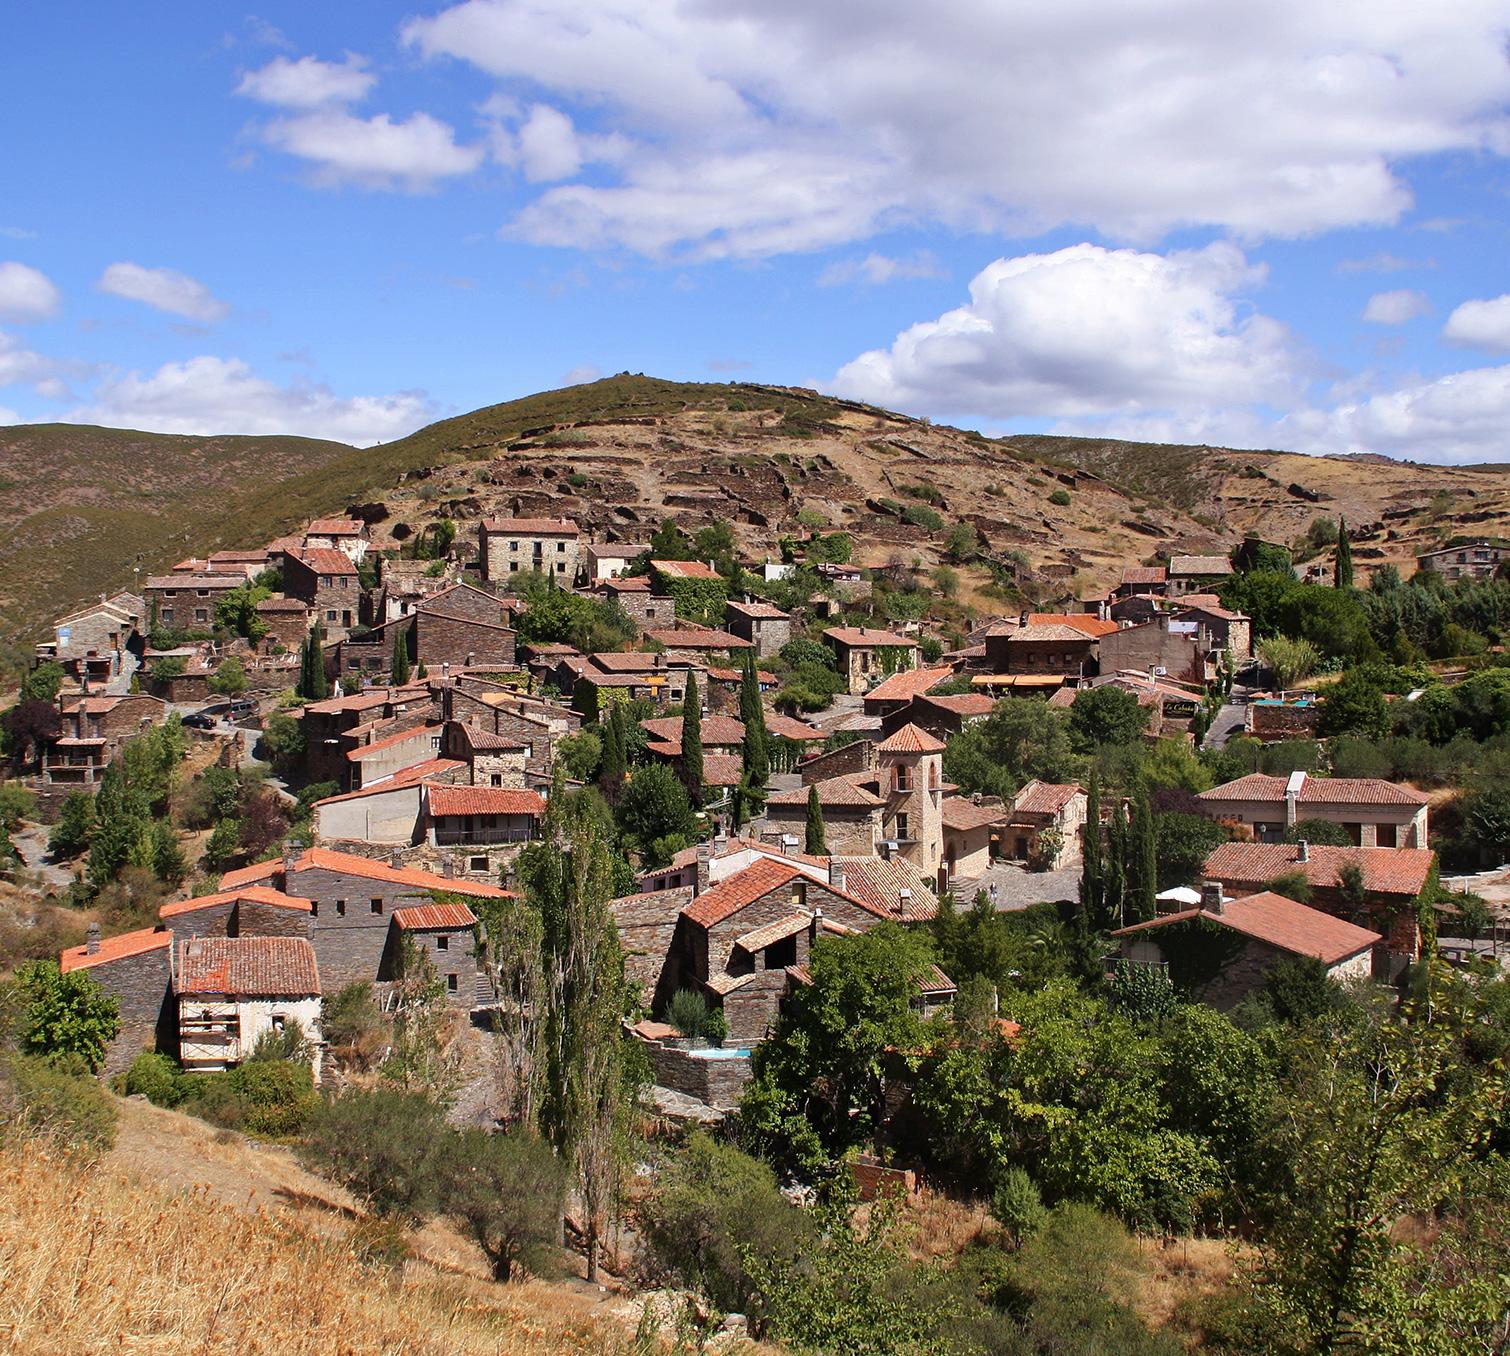 patones_de_arriba_pueblos_espana_revista_mine